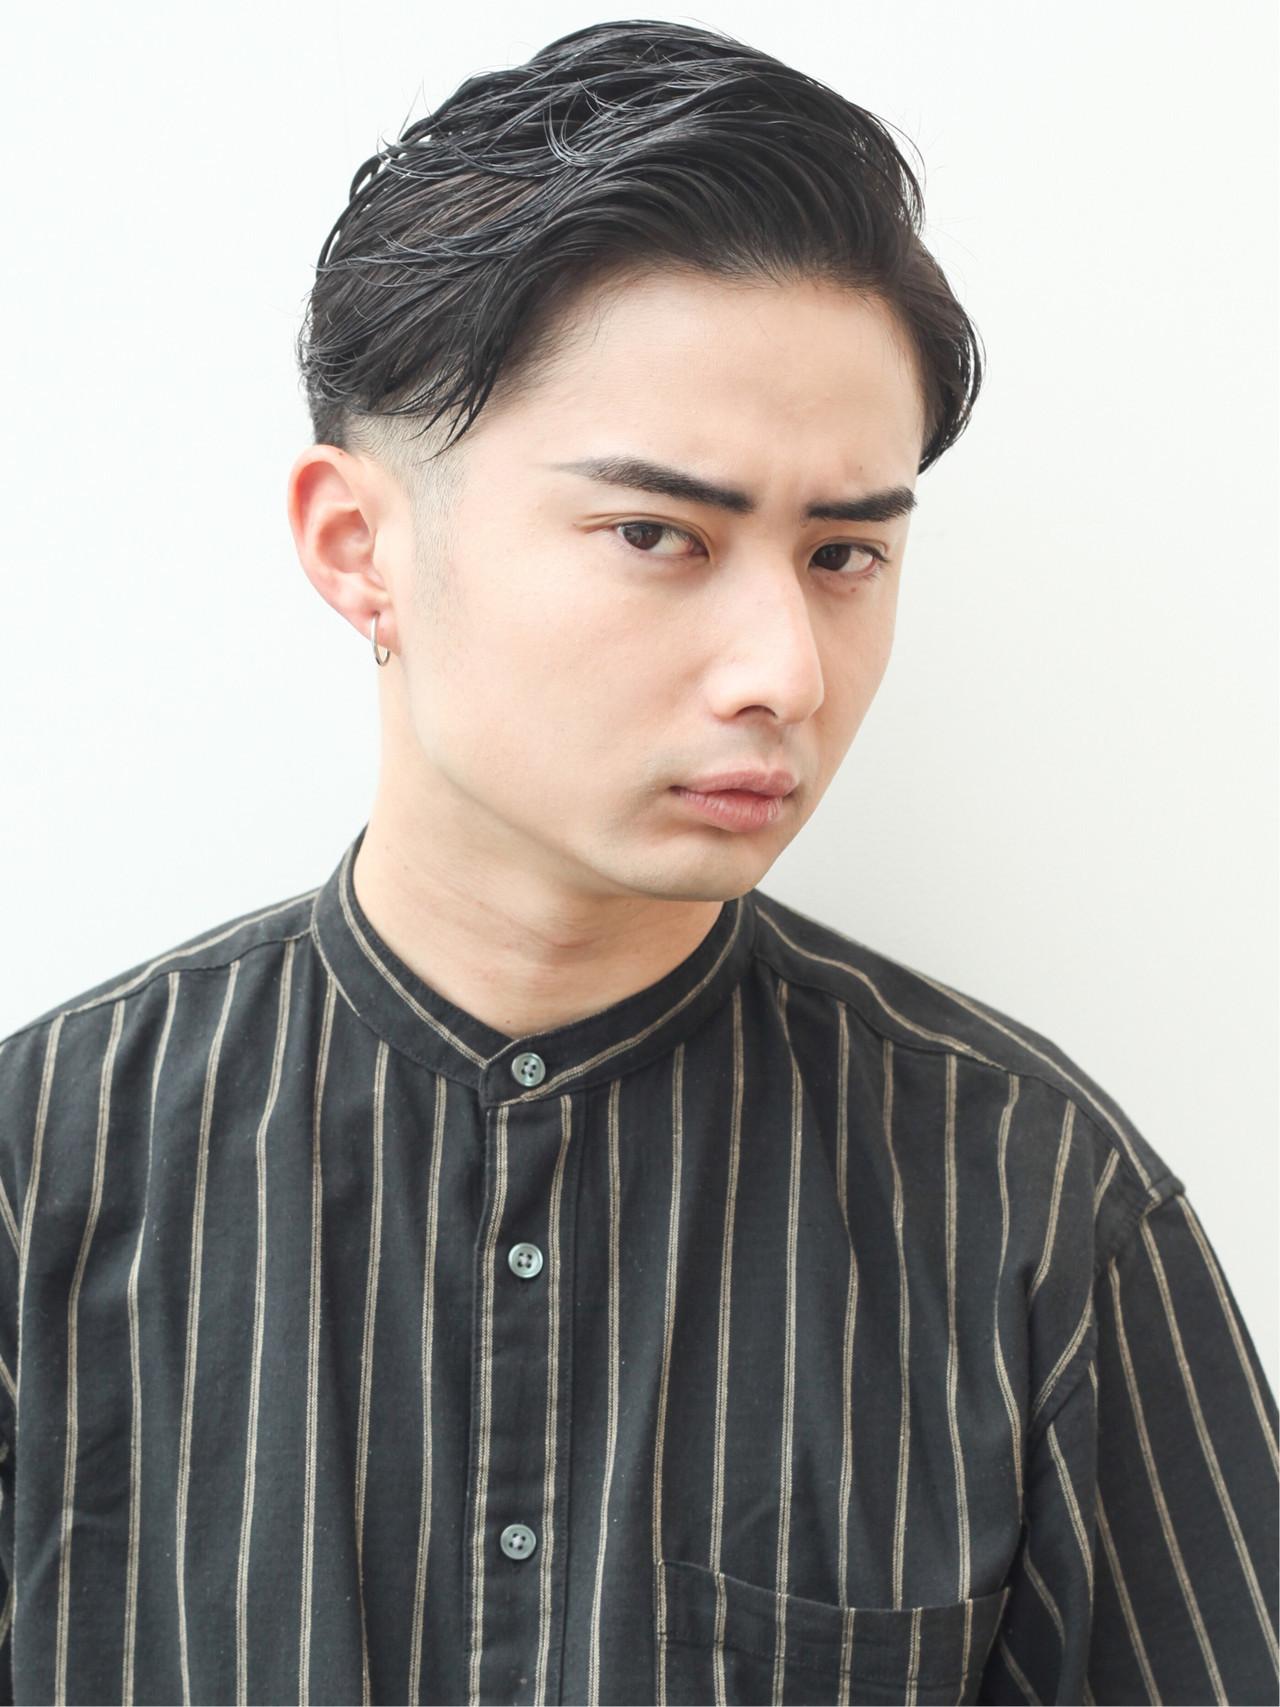 ナチュラル メンズ スキンフェード 黒髪 ヘアスタイルや髪型の写真・画像